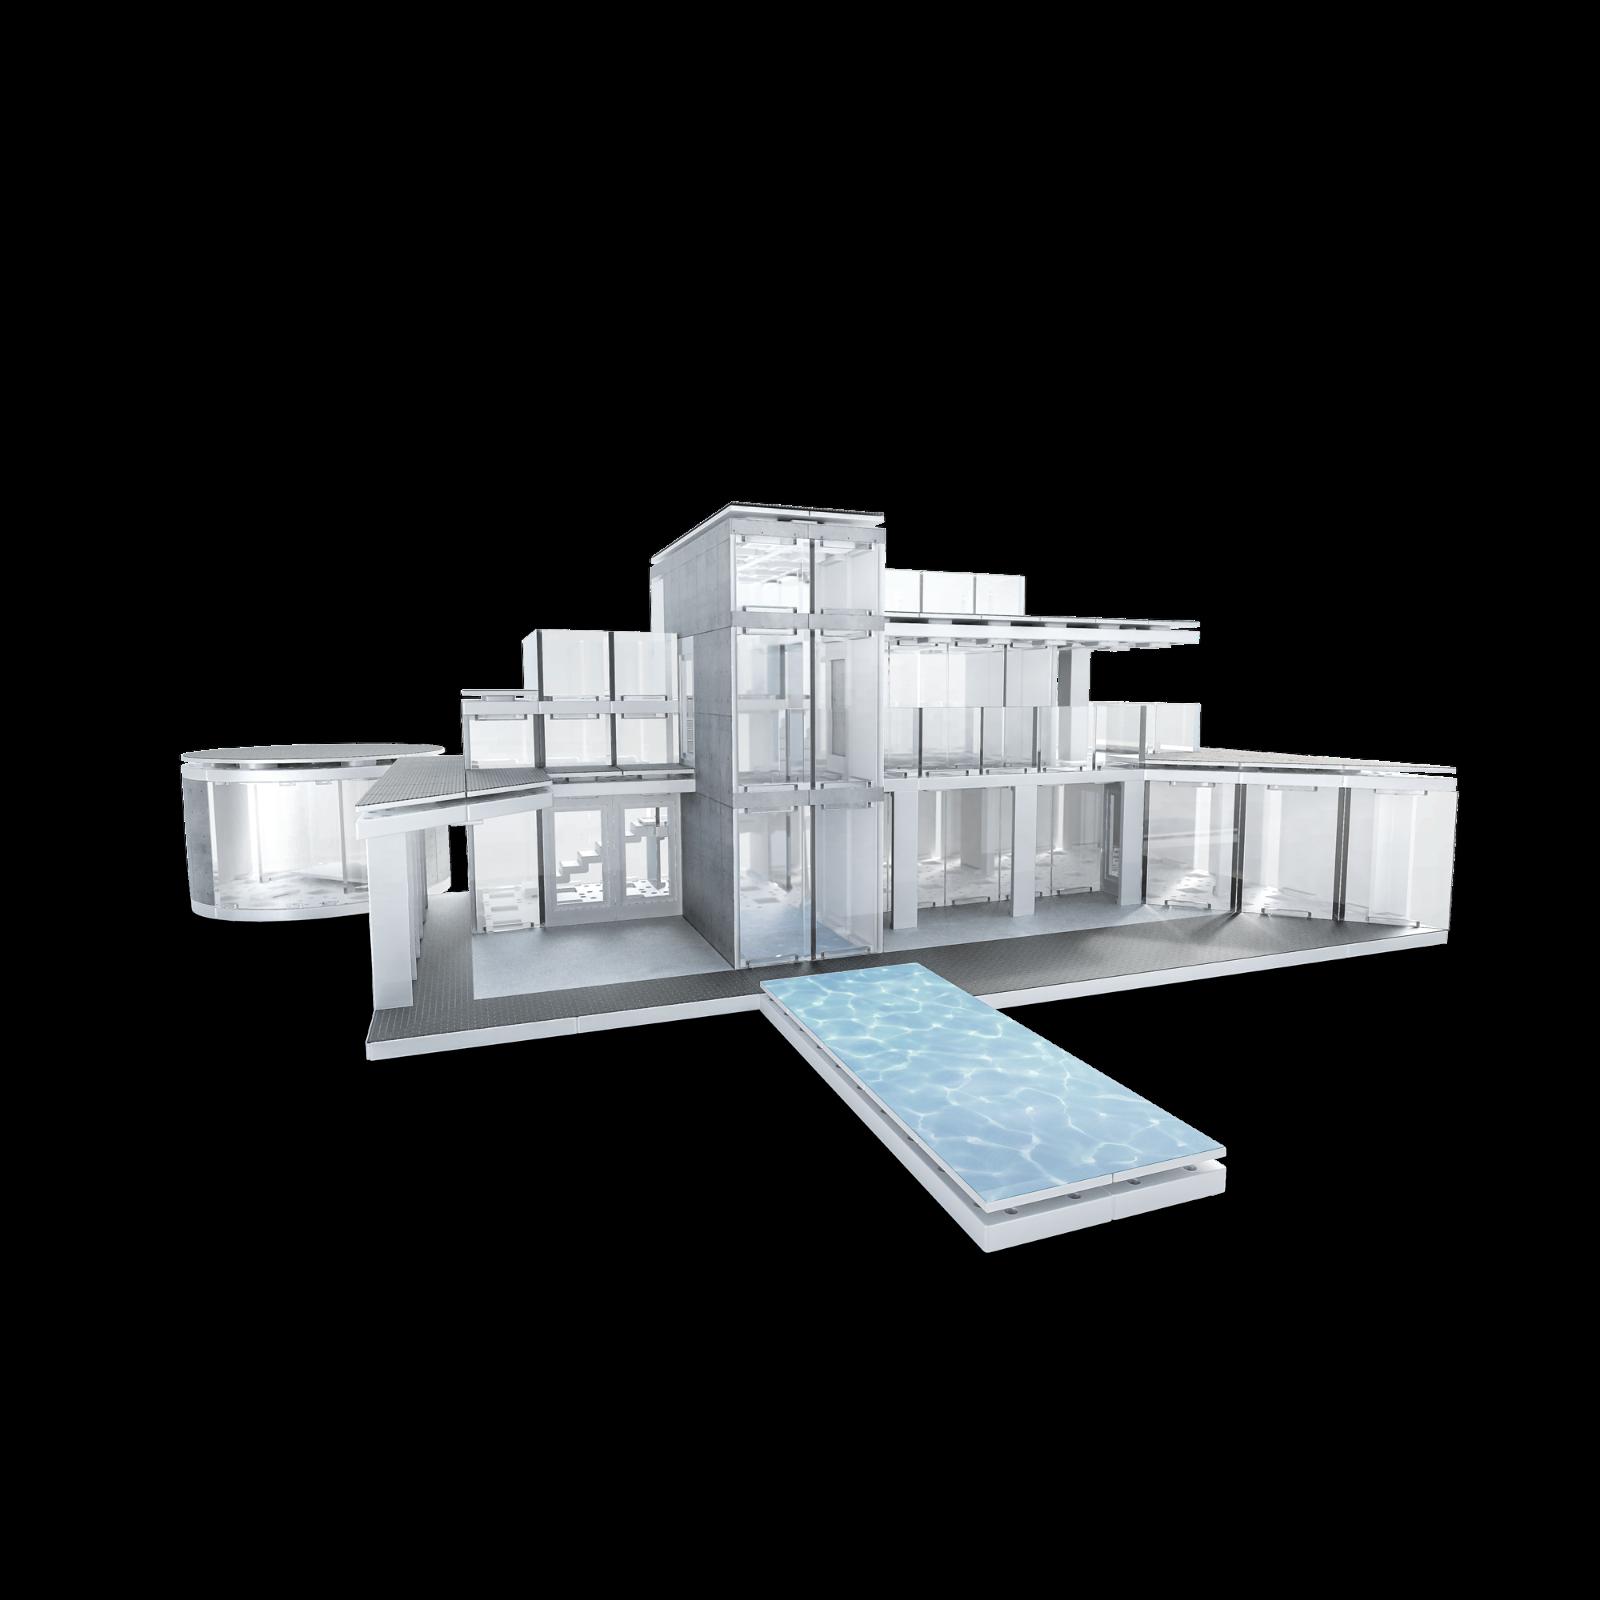 Details about Architectural Model Building Kit (570+ Piece) -Arckit 360